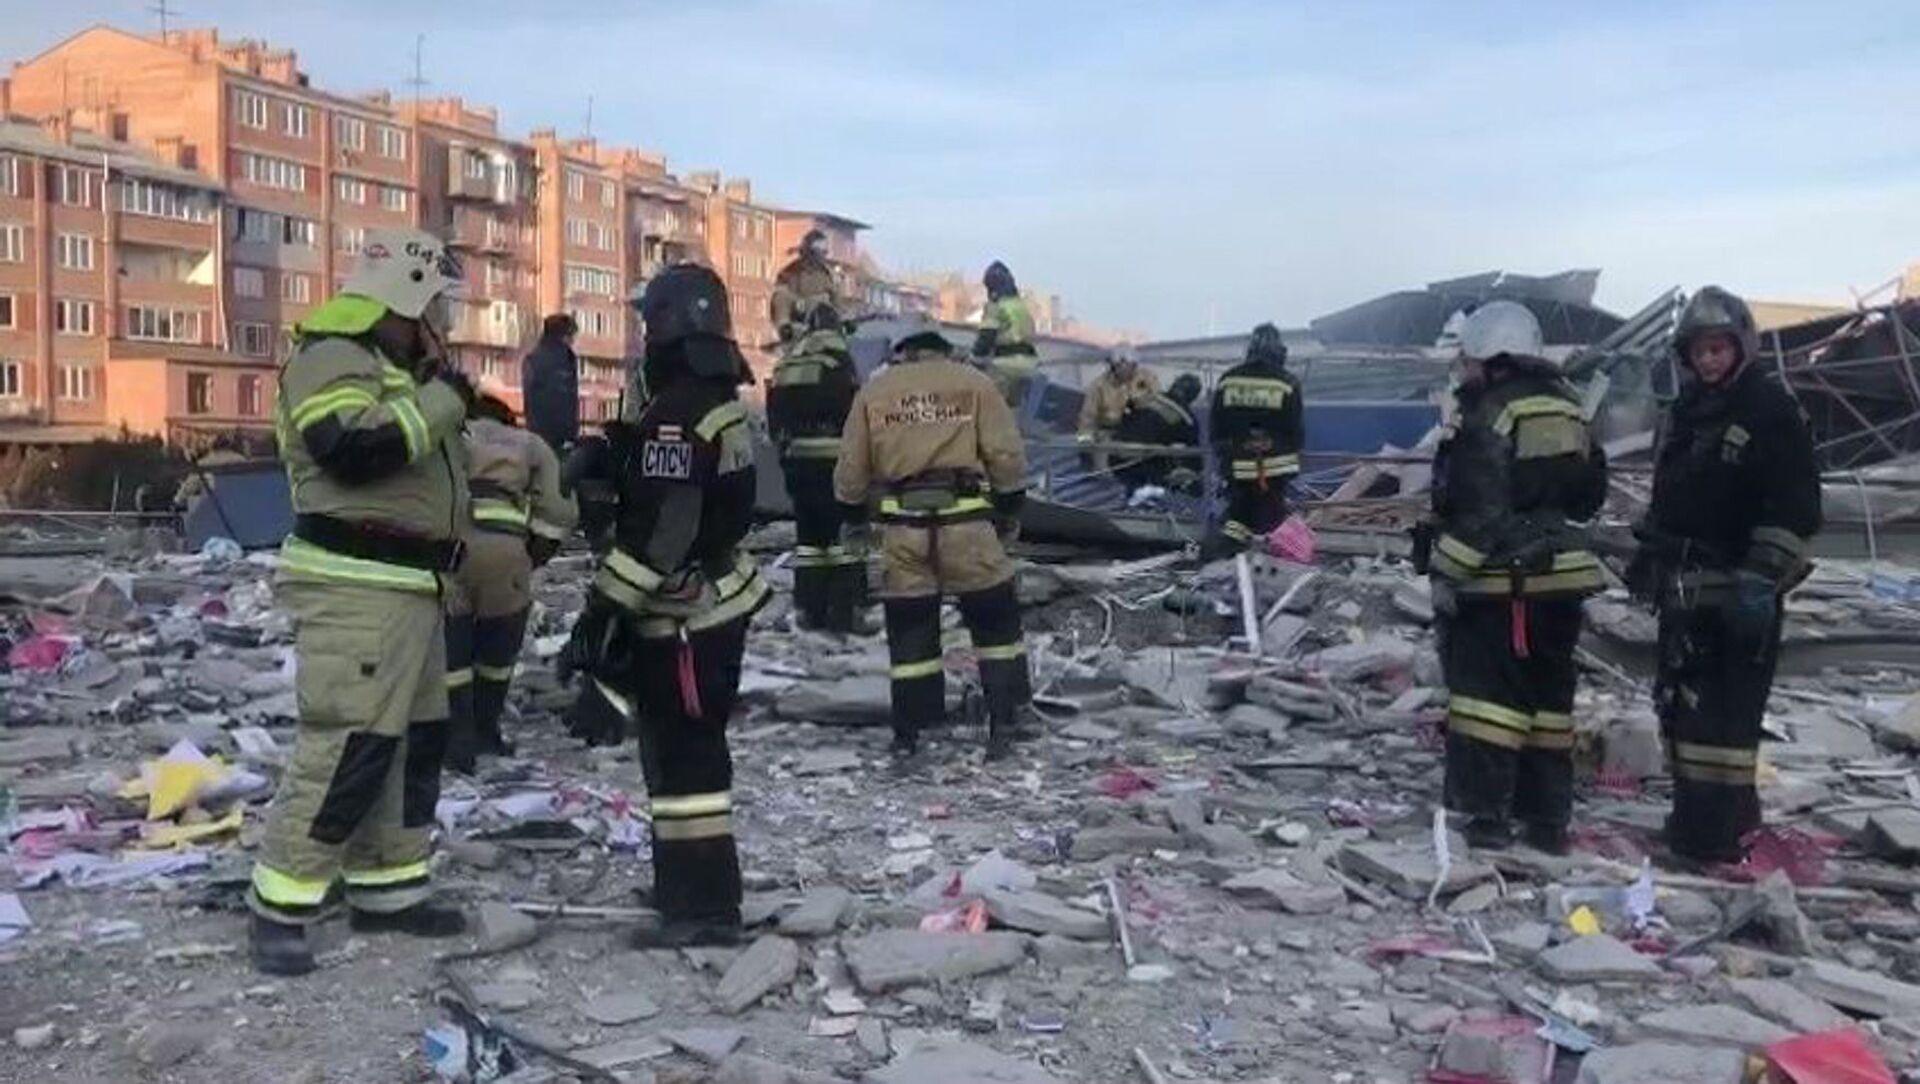 Взрыв в супермаркете во Владикавказе - Sputnik Аҧсны, 1920, 12.02.2021